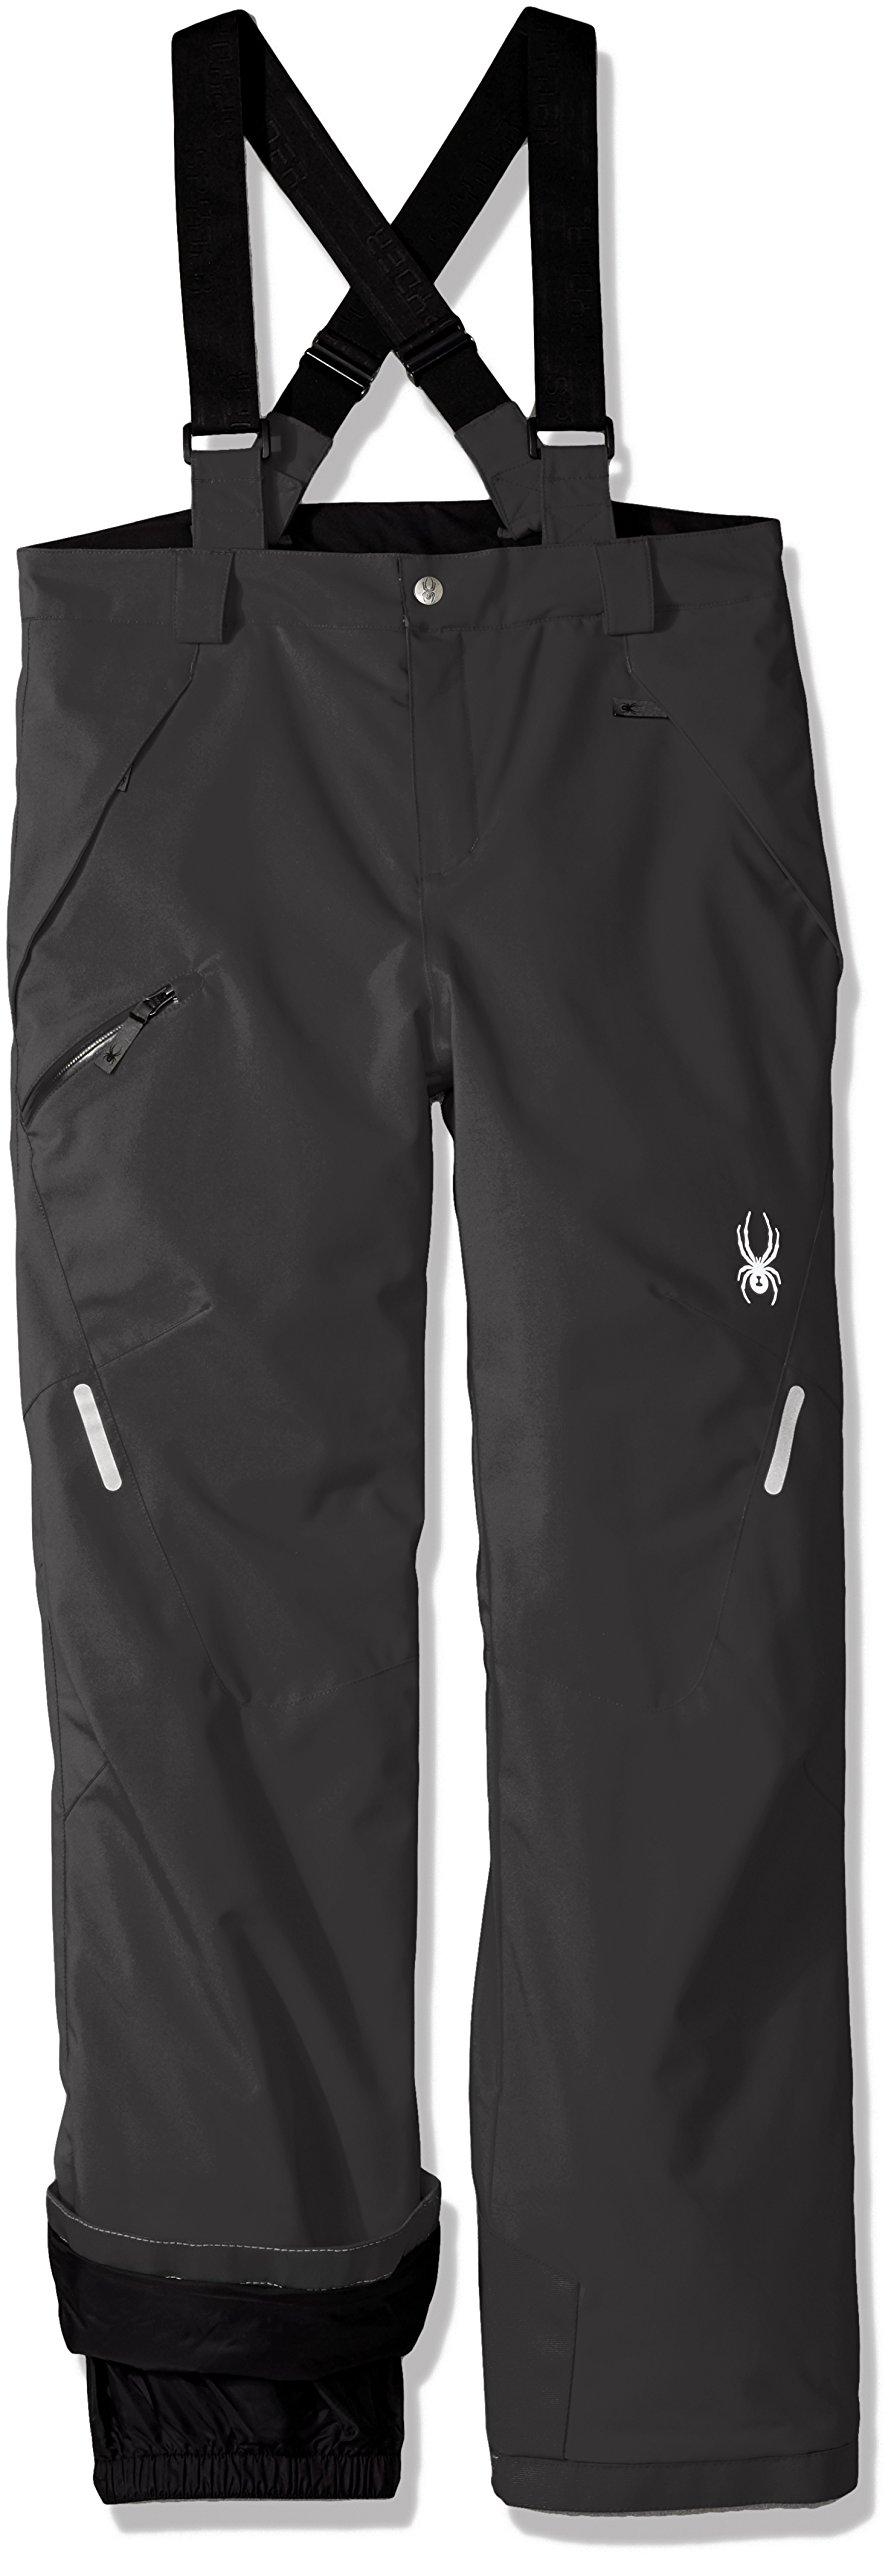 Spyder Boy's Propulsion Ski Pant, Polar, Size 08 by Spyder